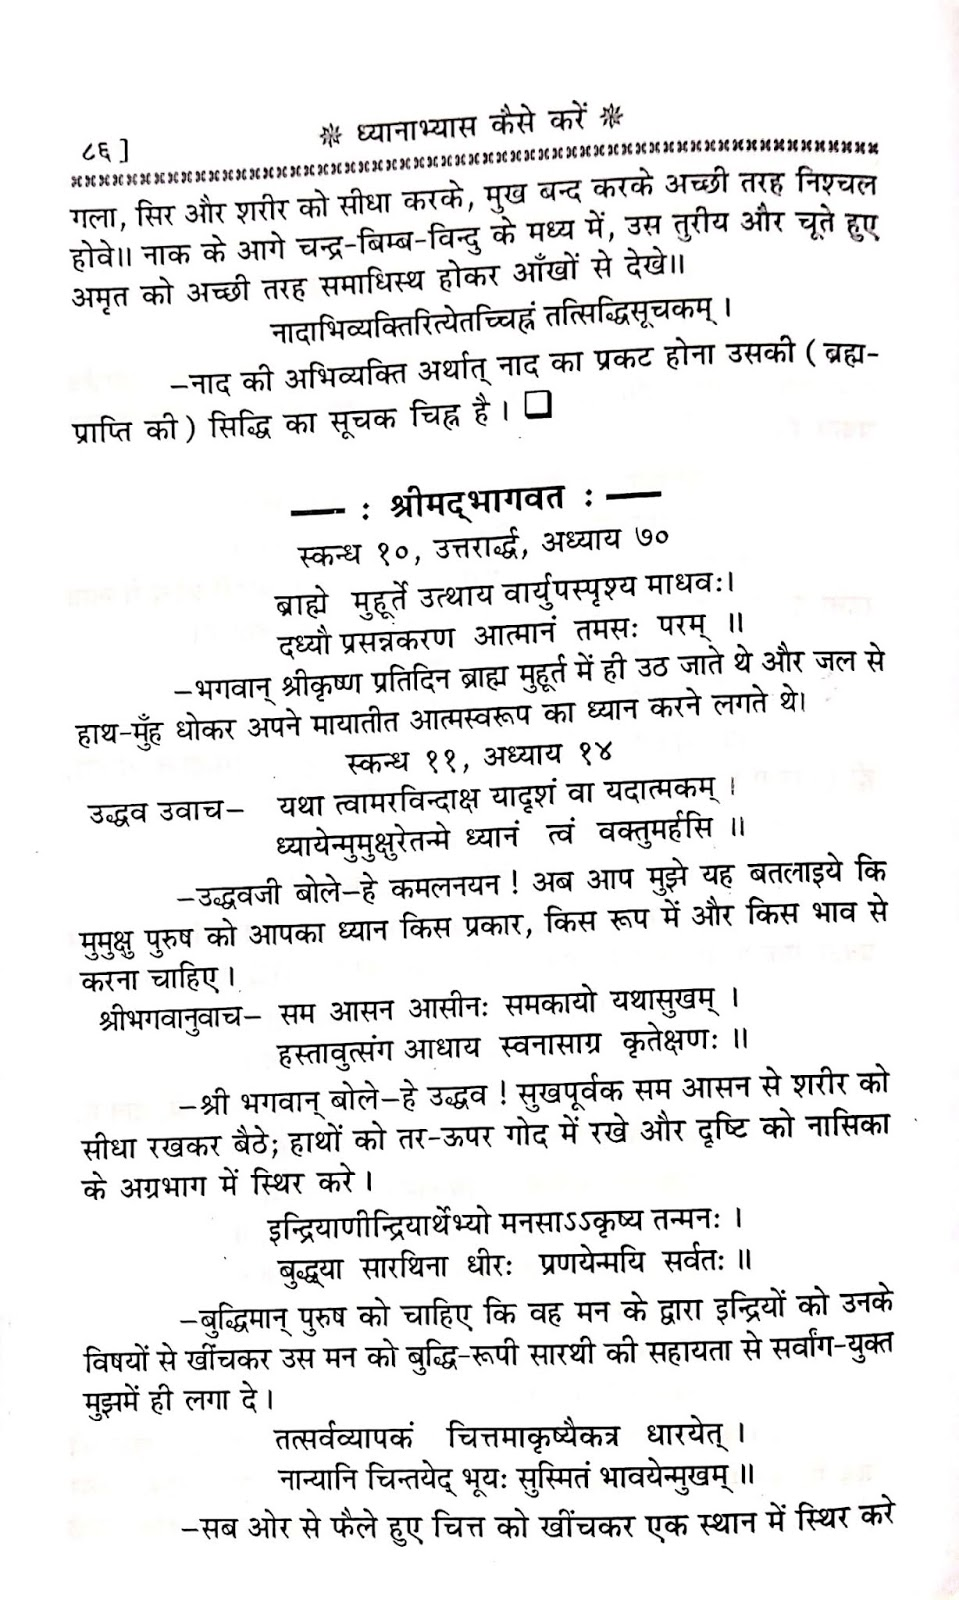 """ध्यान में सफलता दिलाने वाली पुस्तक """"ध्यानाभ्यास कैसे करें"""" एक परिचय, श्रीमद् भागवत महापुराण में ध्यान अभ्यास की चर्चा"""